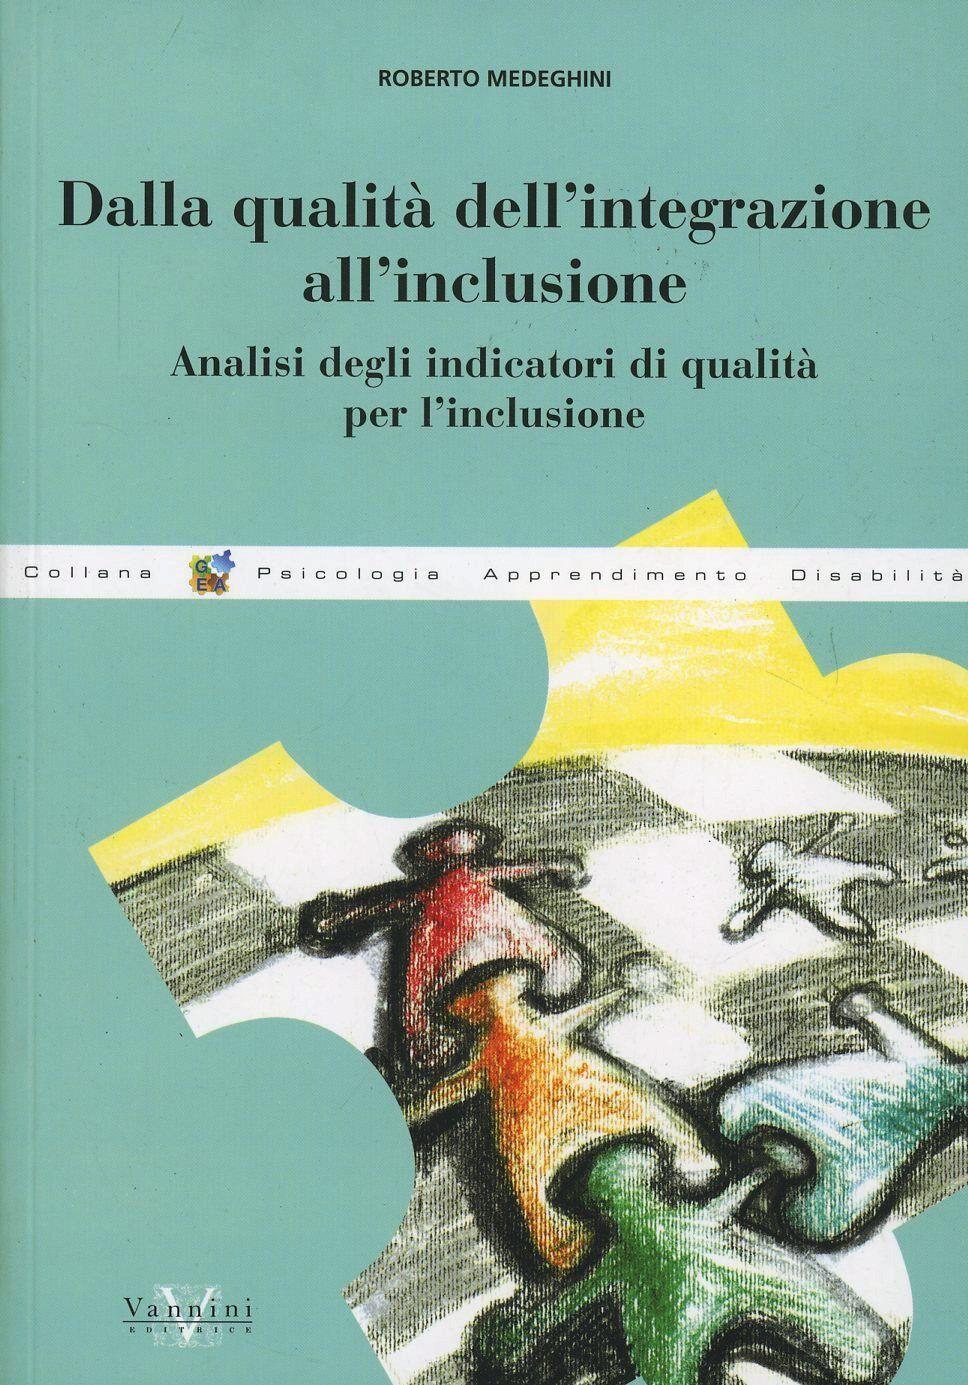 Dalla qualità dell'integrazione all'inclusione. Analisi degli integratori di qualità per l'inclusione